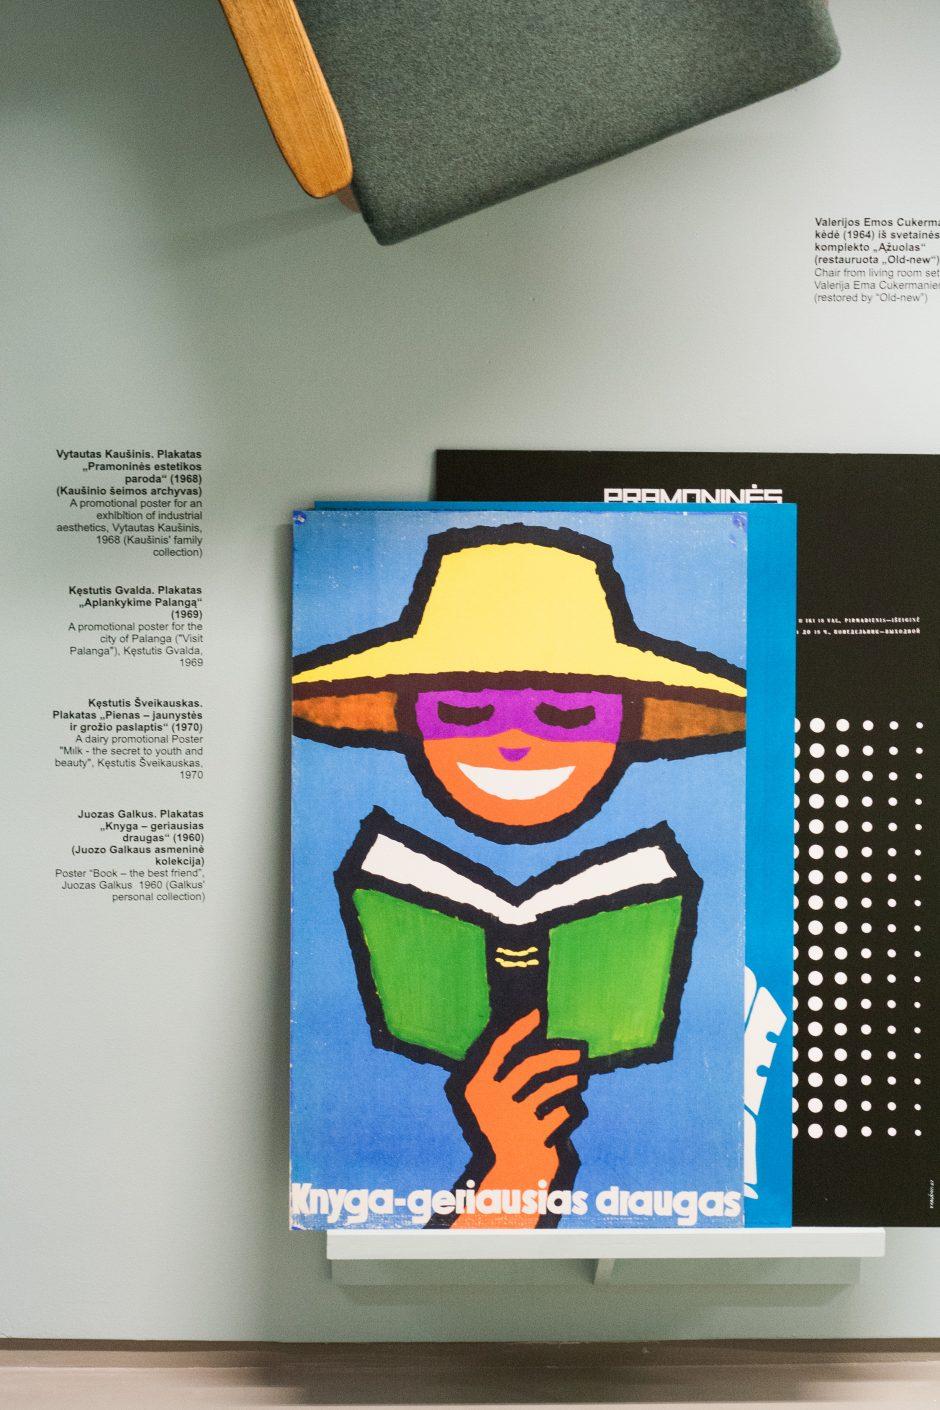 Lietuviškame dizaine pristatoma daiktų ir žmonių istorija